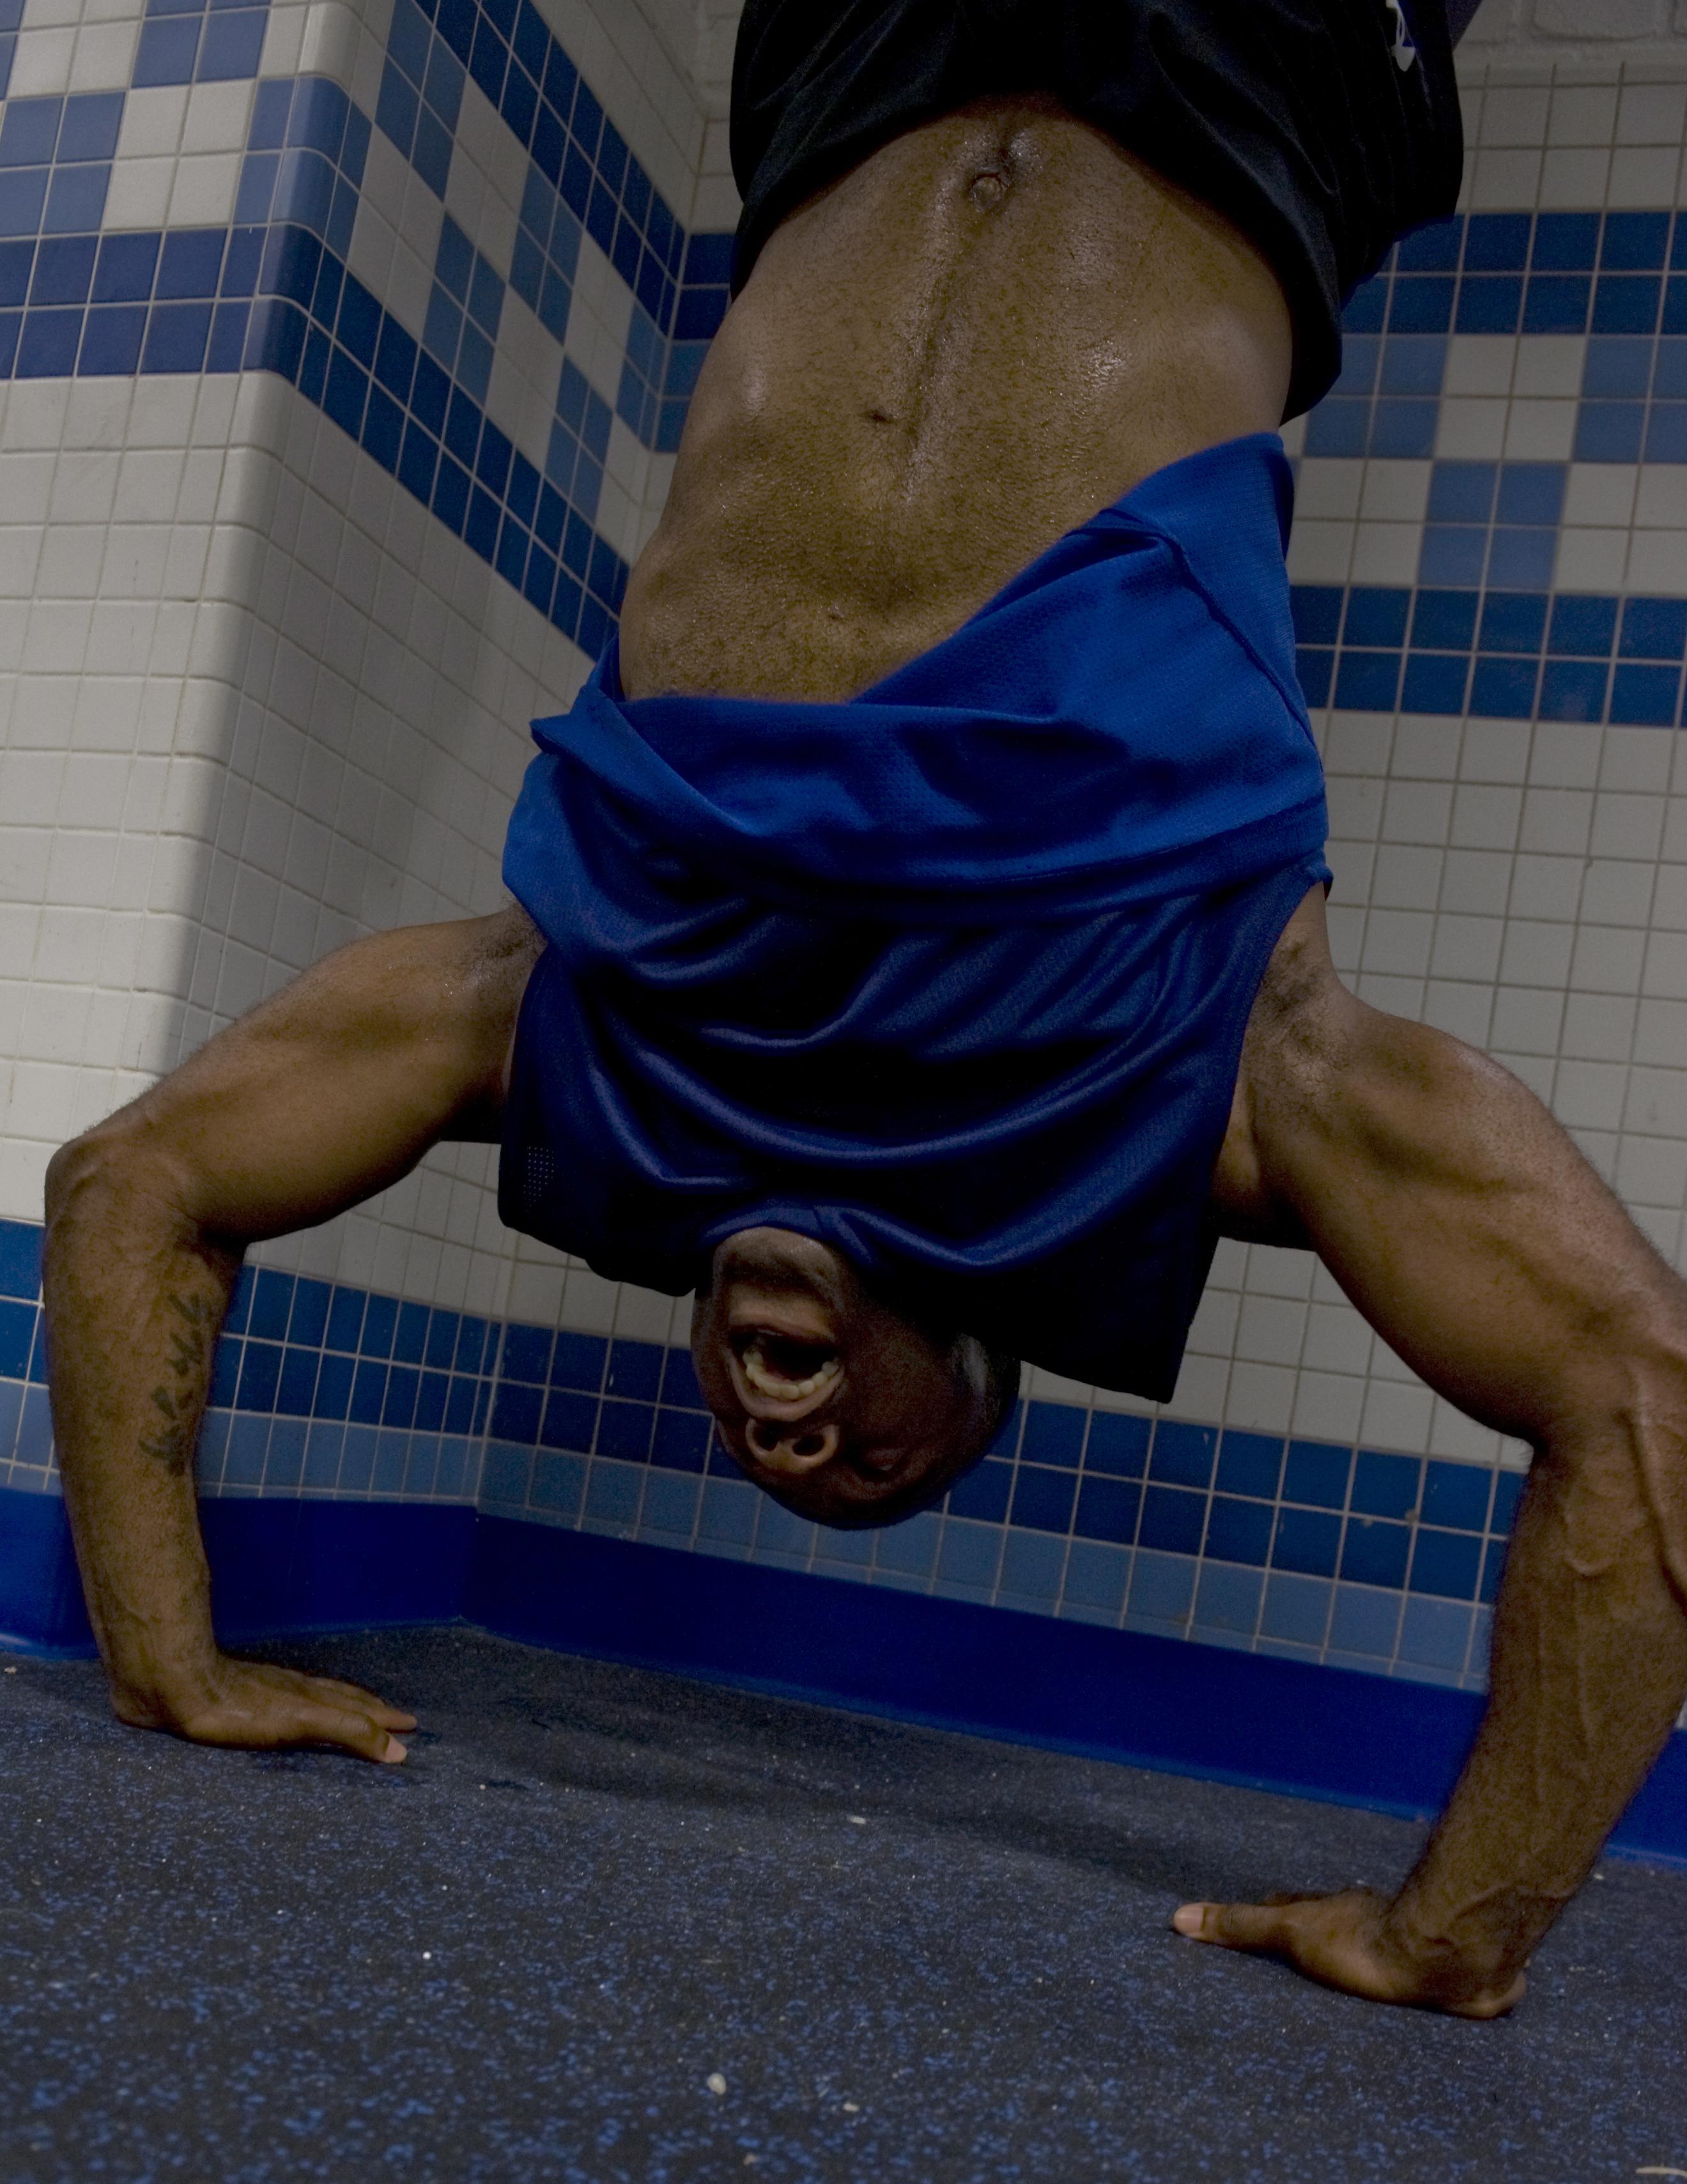 Gambar Hand Stand : gambar, stand, Handstand, Push-up, Wikipedia